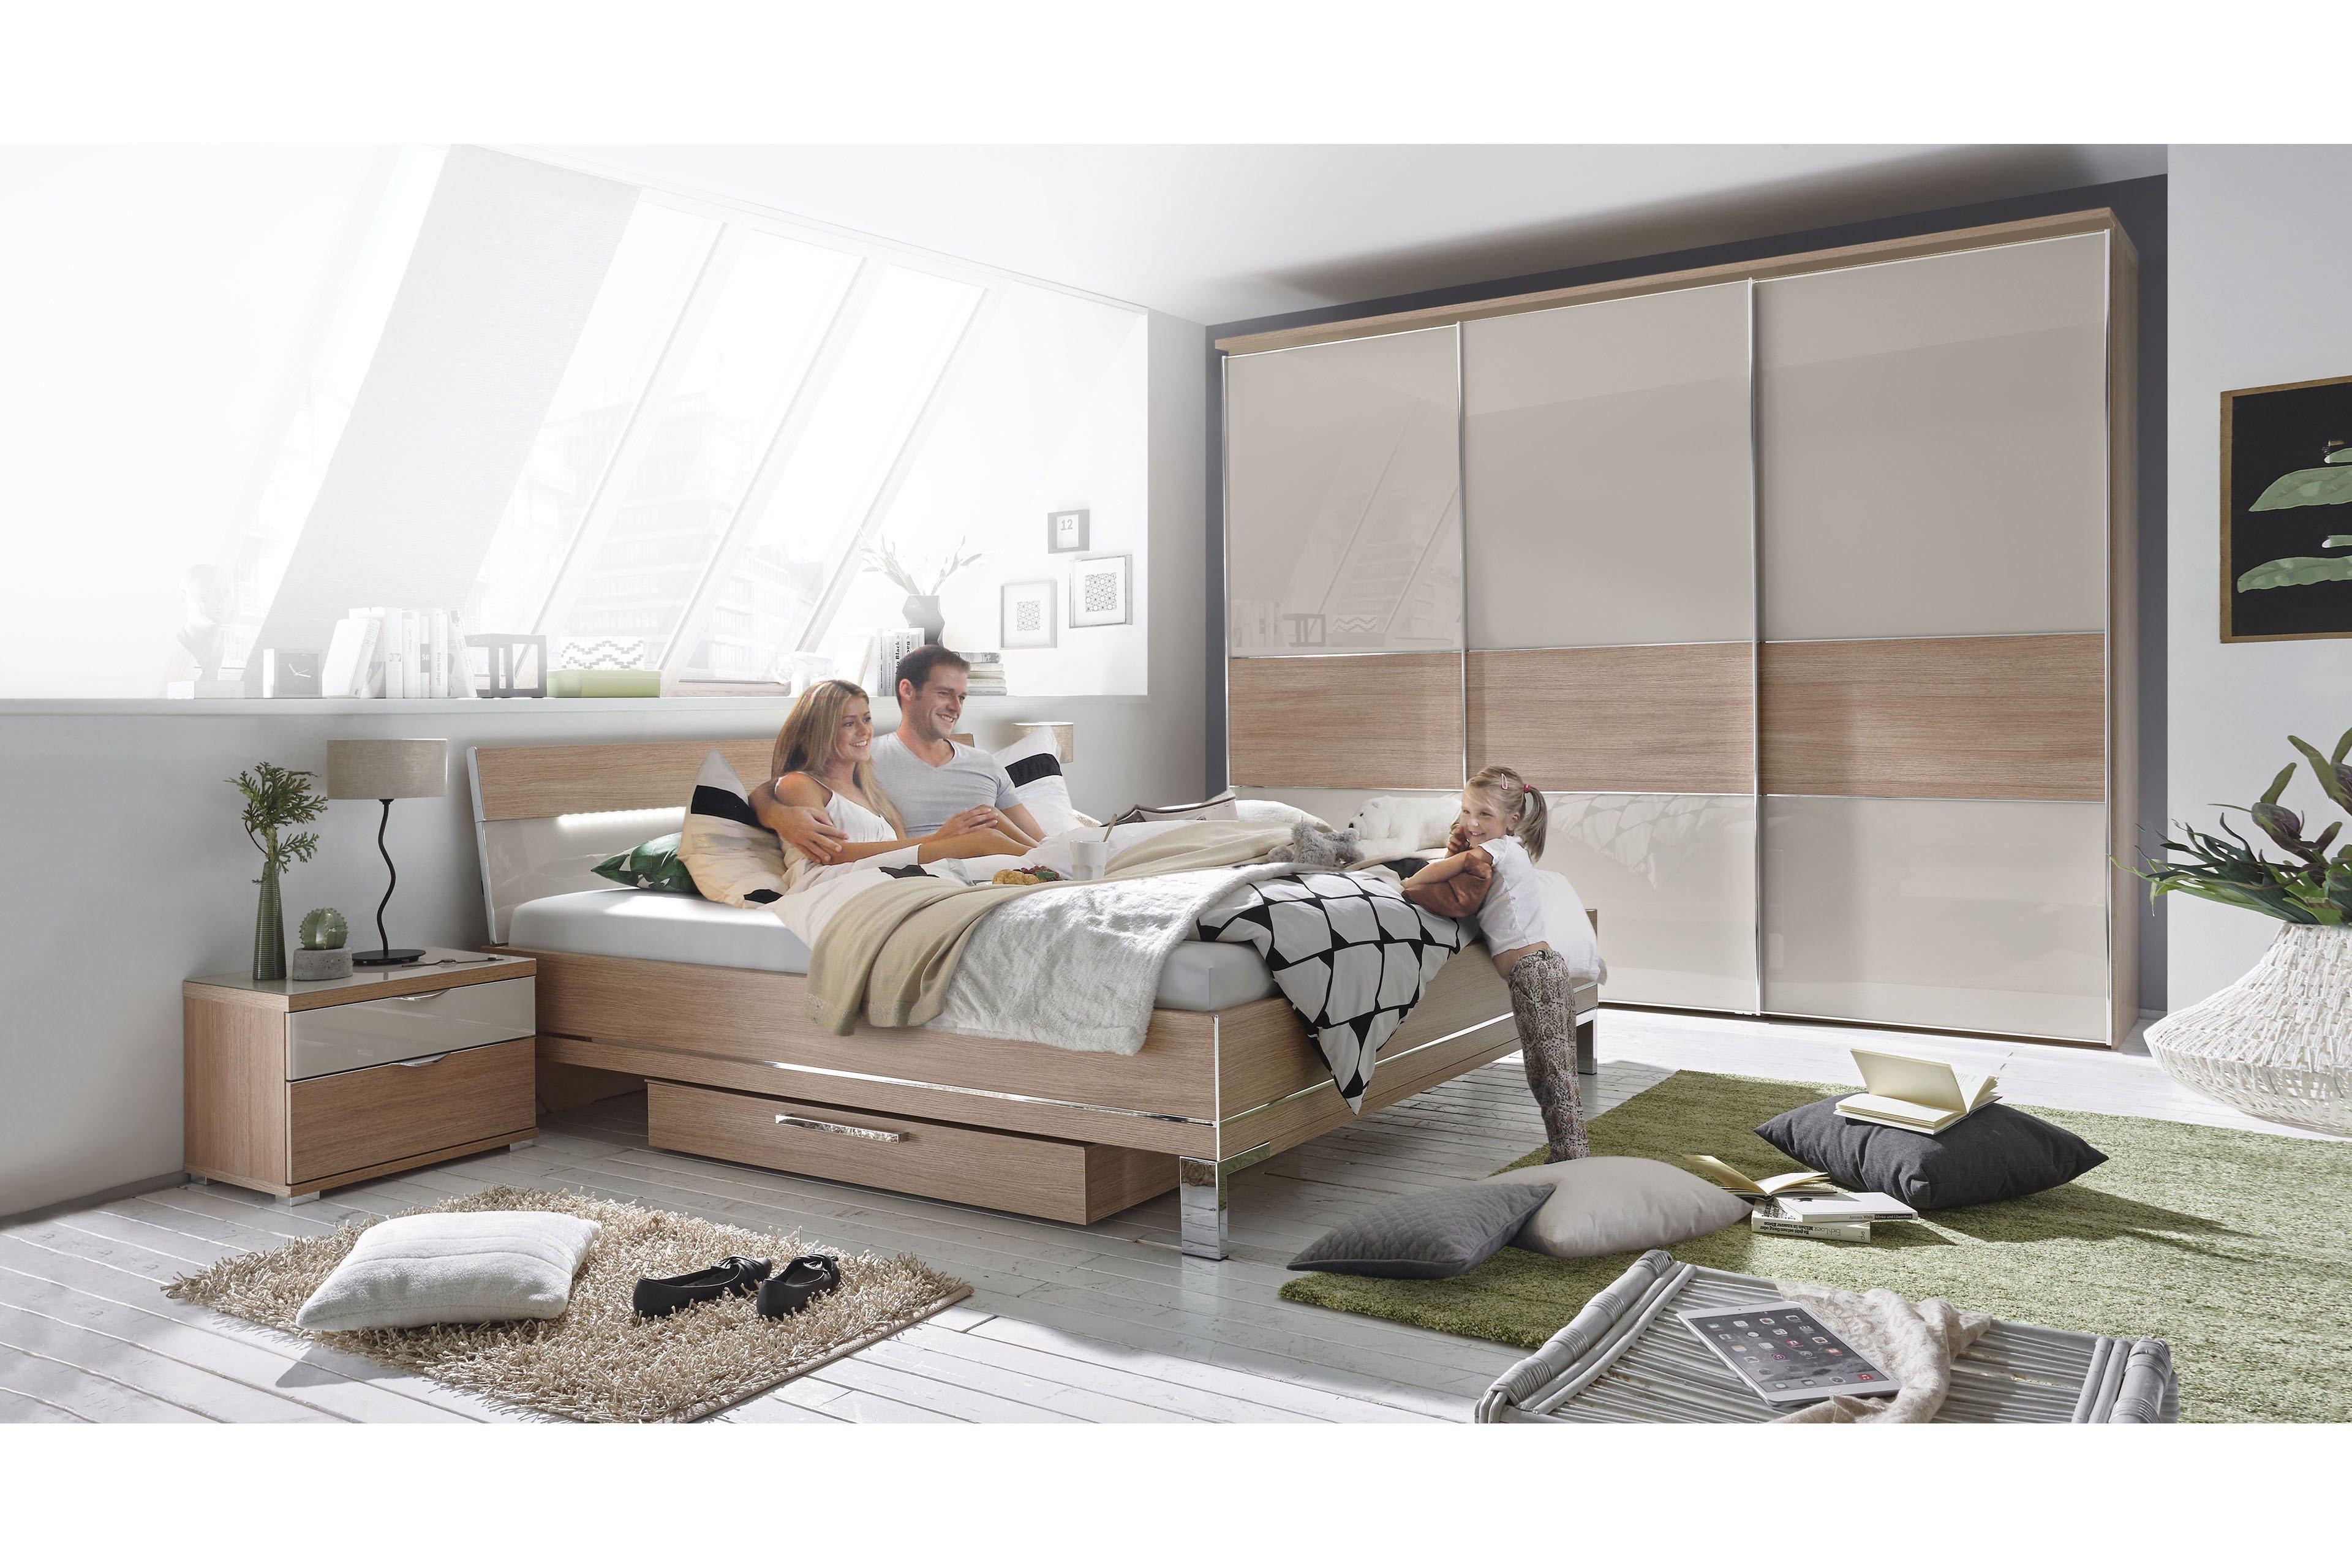 Sinfonie Plus Schlafzimmer von Staud | Möbel Letz - Ihr Online-Shop